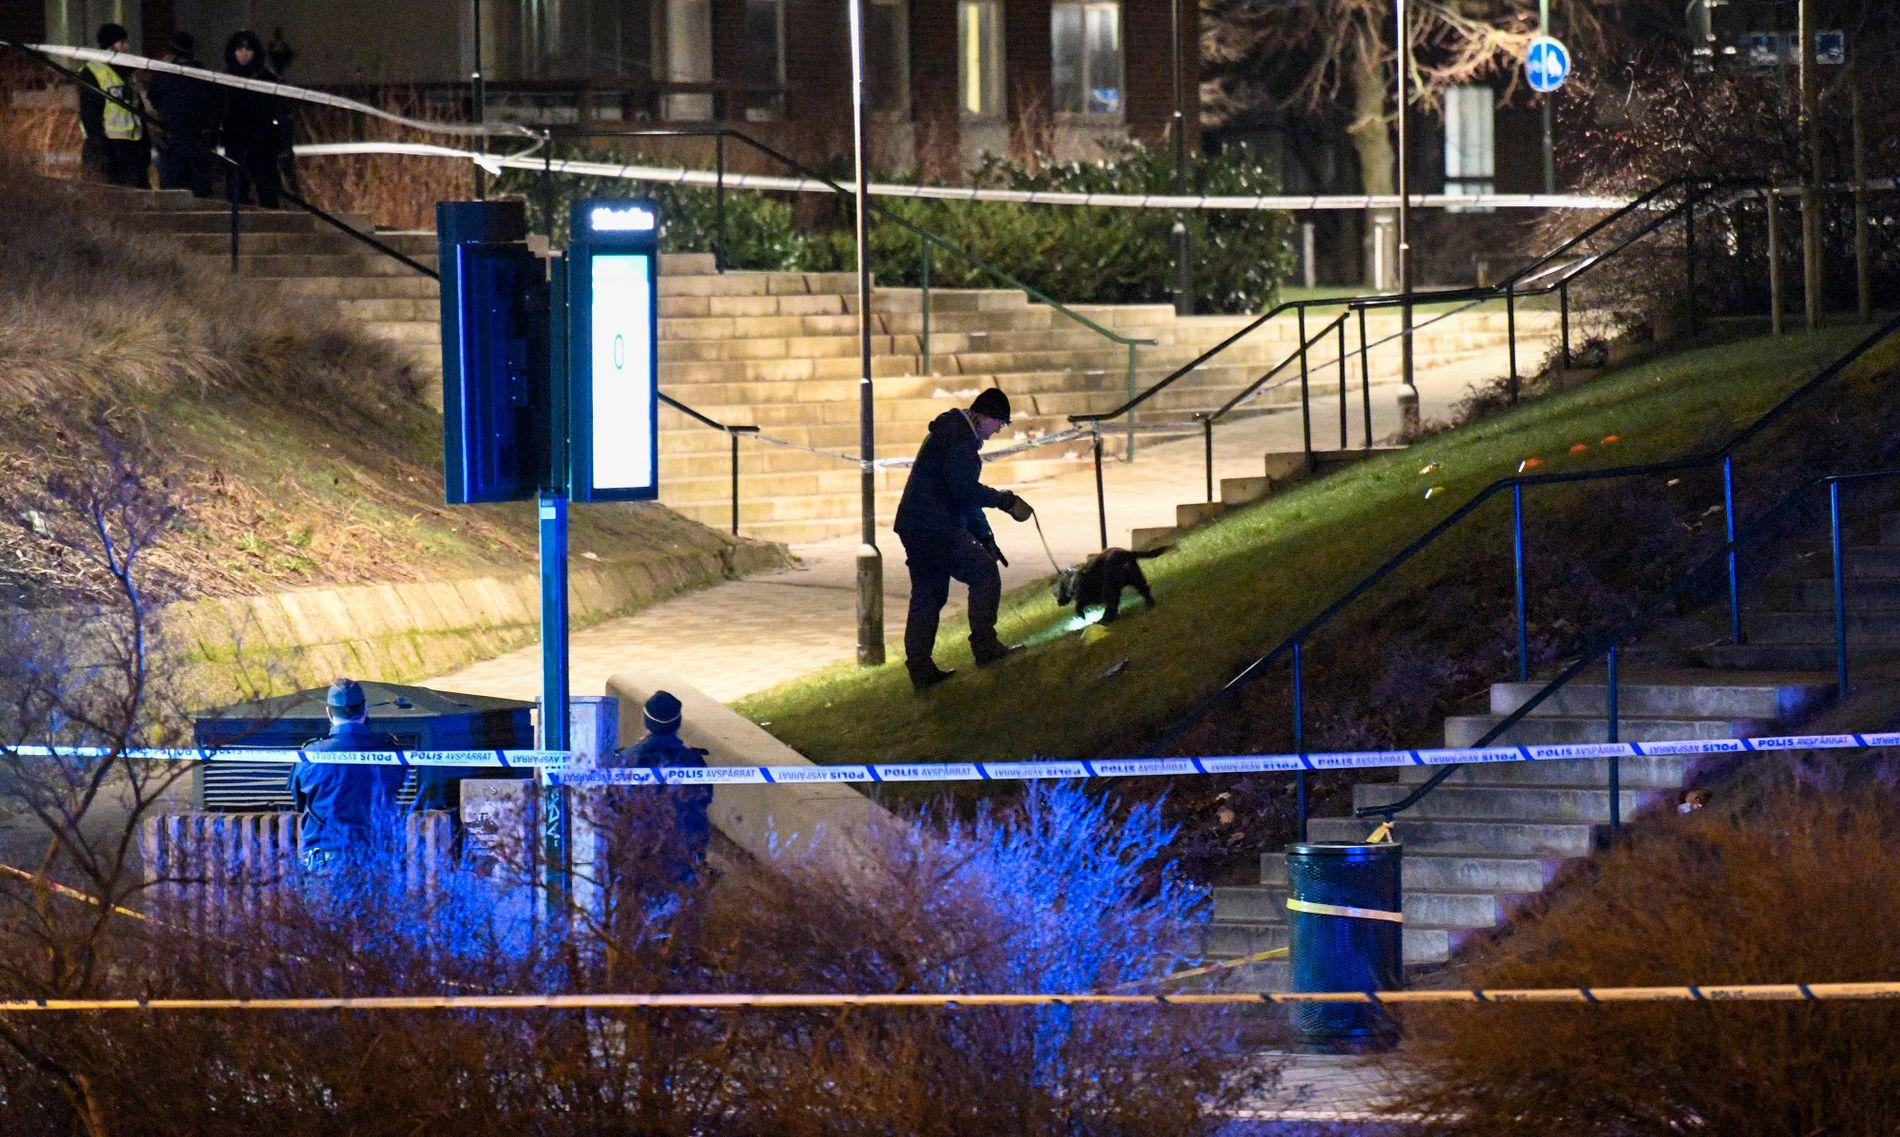 ÅSTEDET: Politi med hund drev torsdag kveld søk ved åstedet der Ahmed (16) ble funnet skutt.